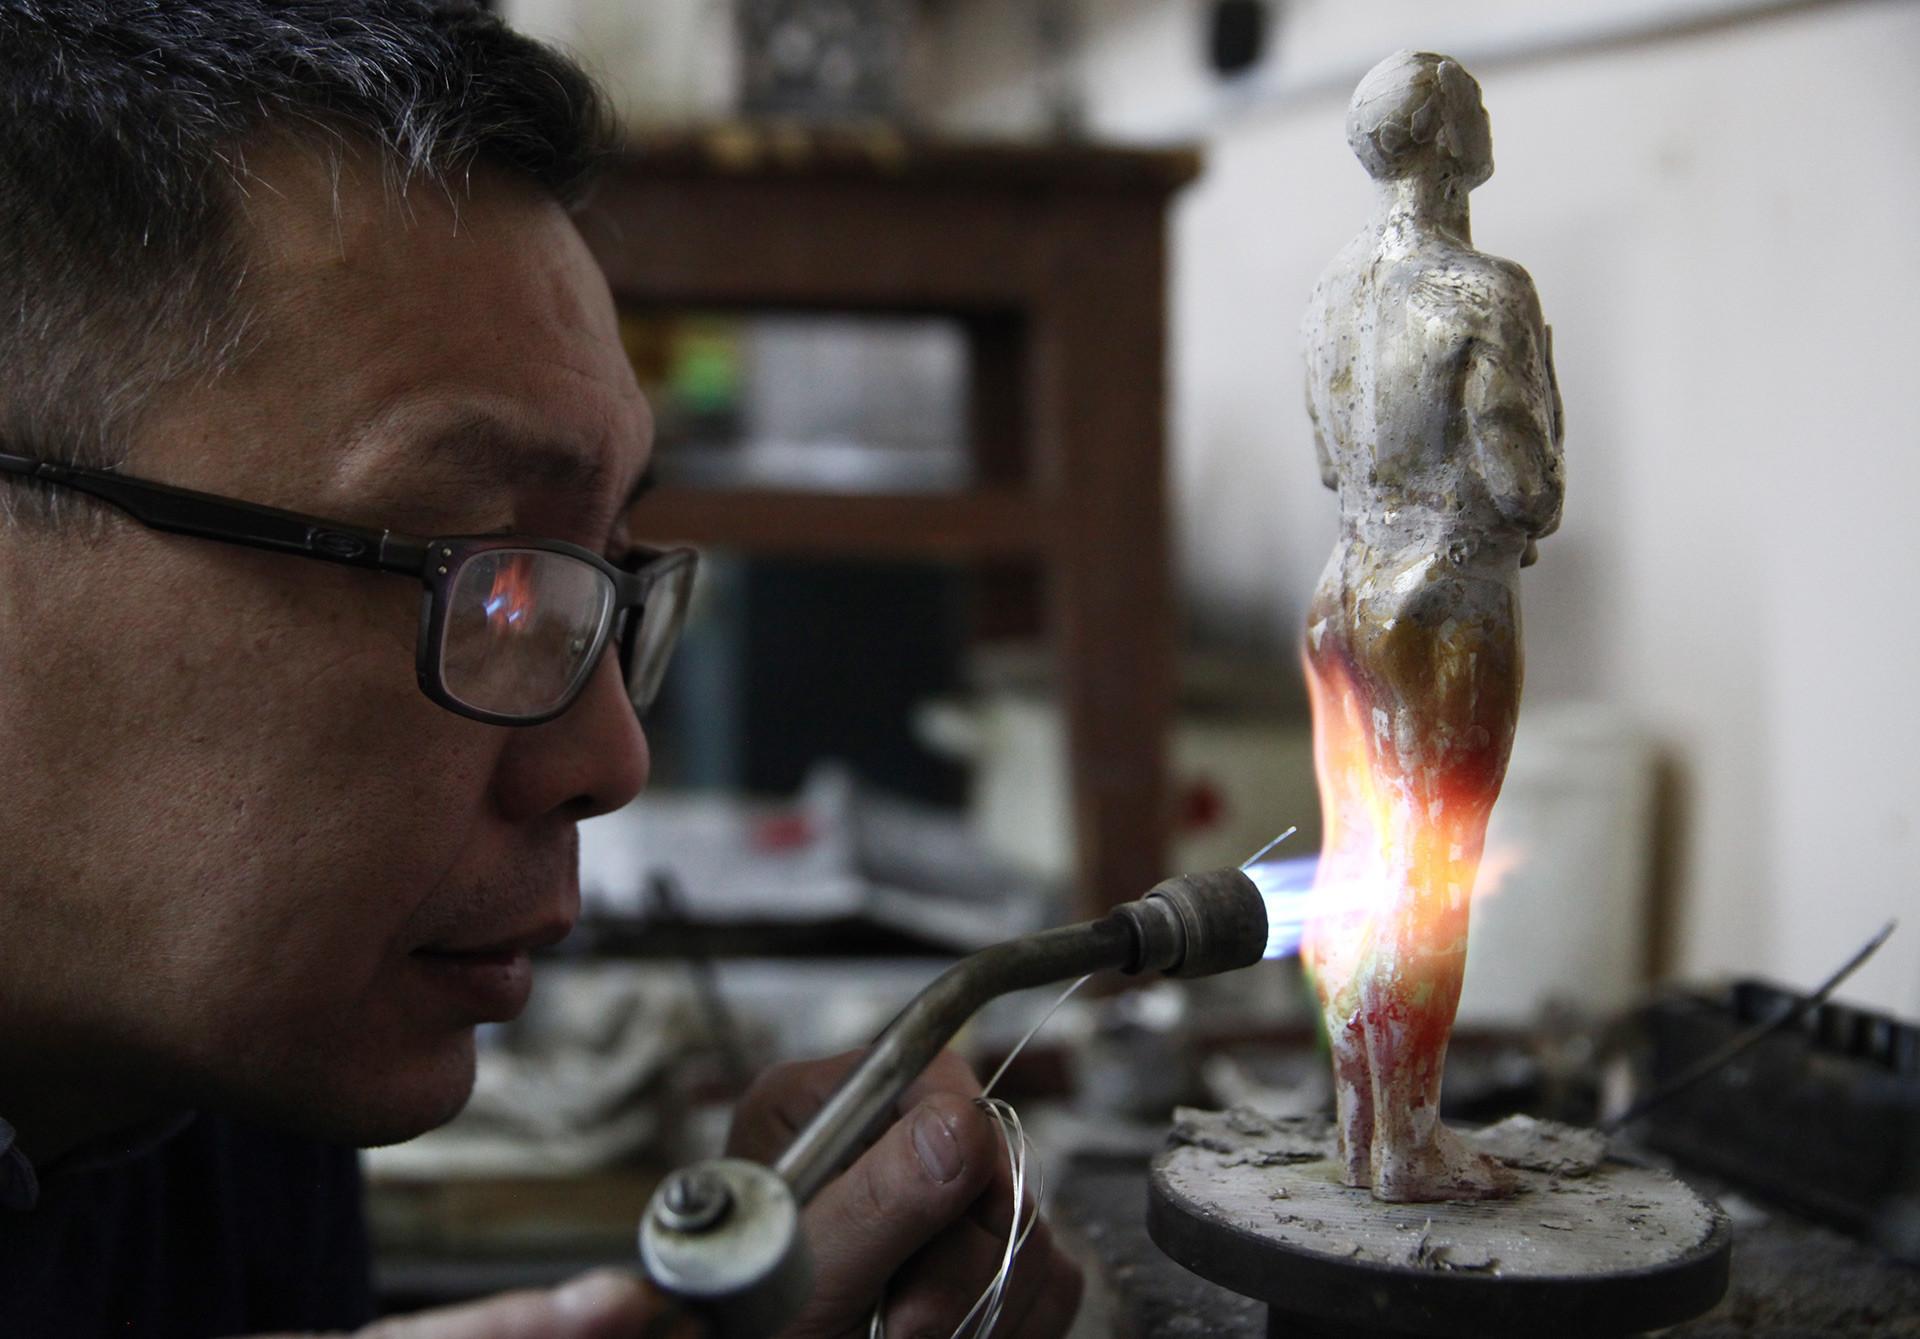 Fãs na Iakútia doaram joias para criar 'Oscar próprio' para o ator americano